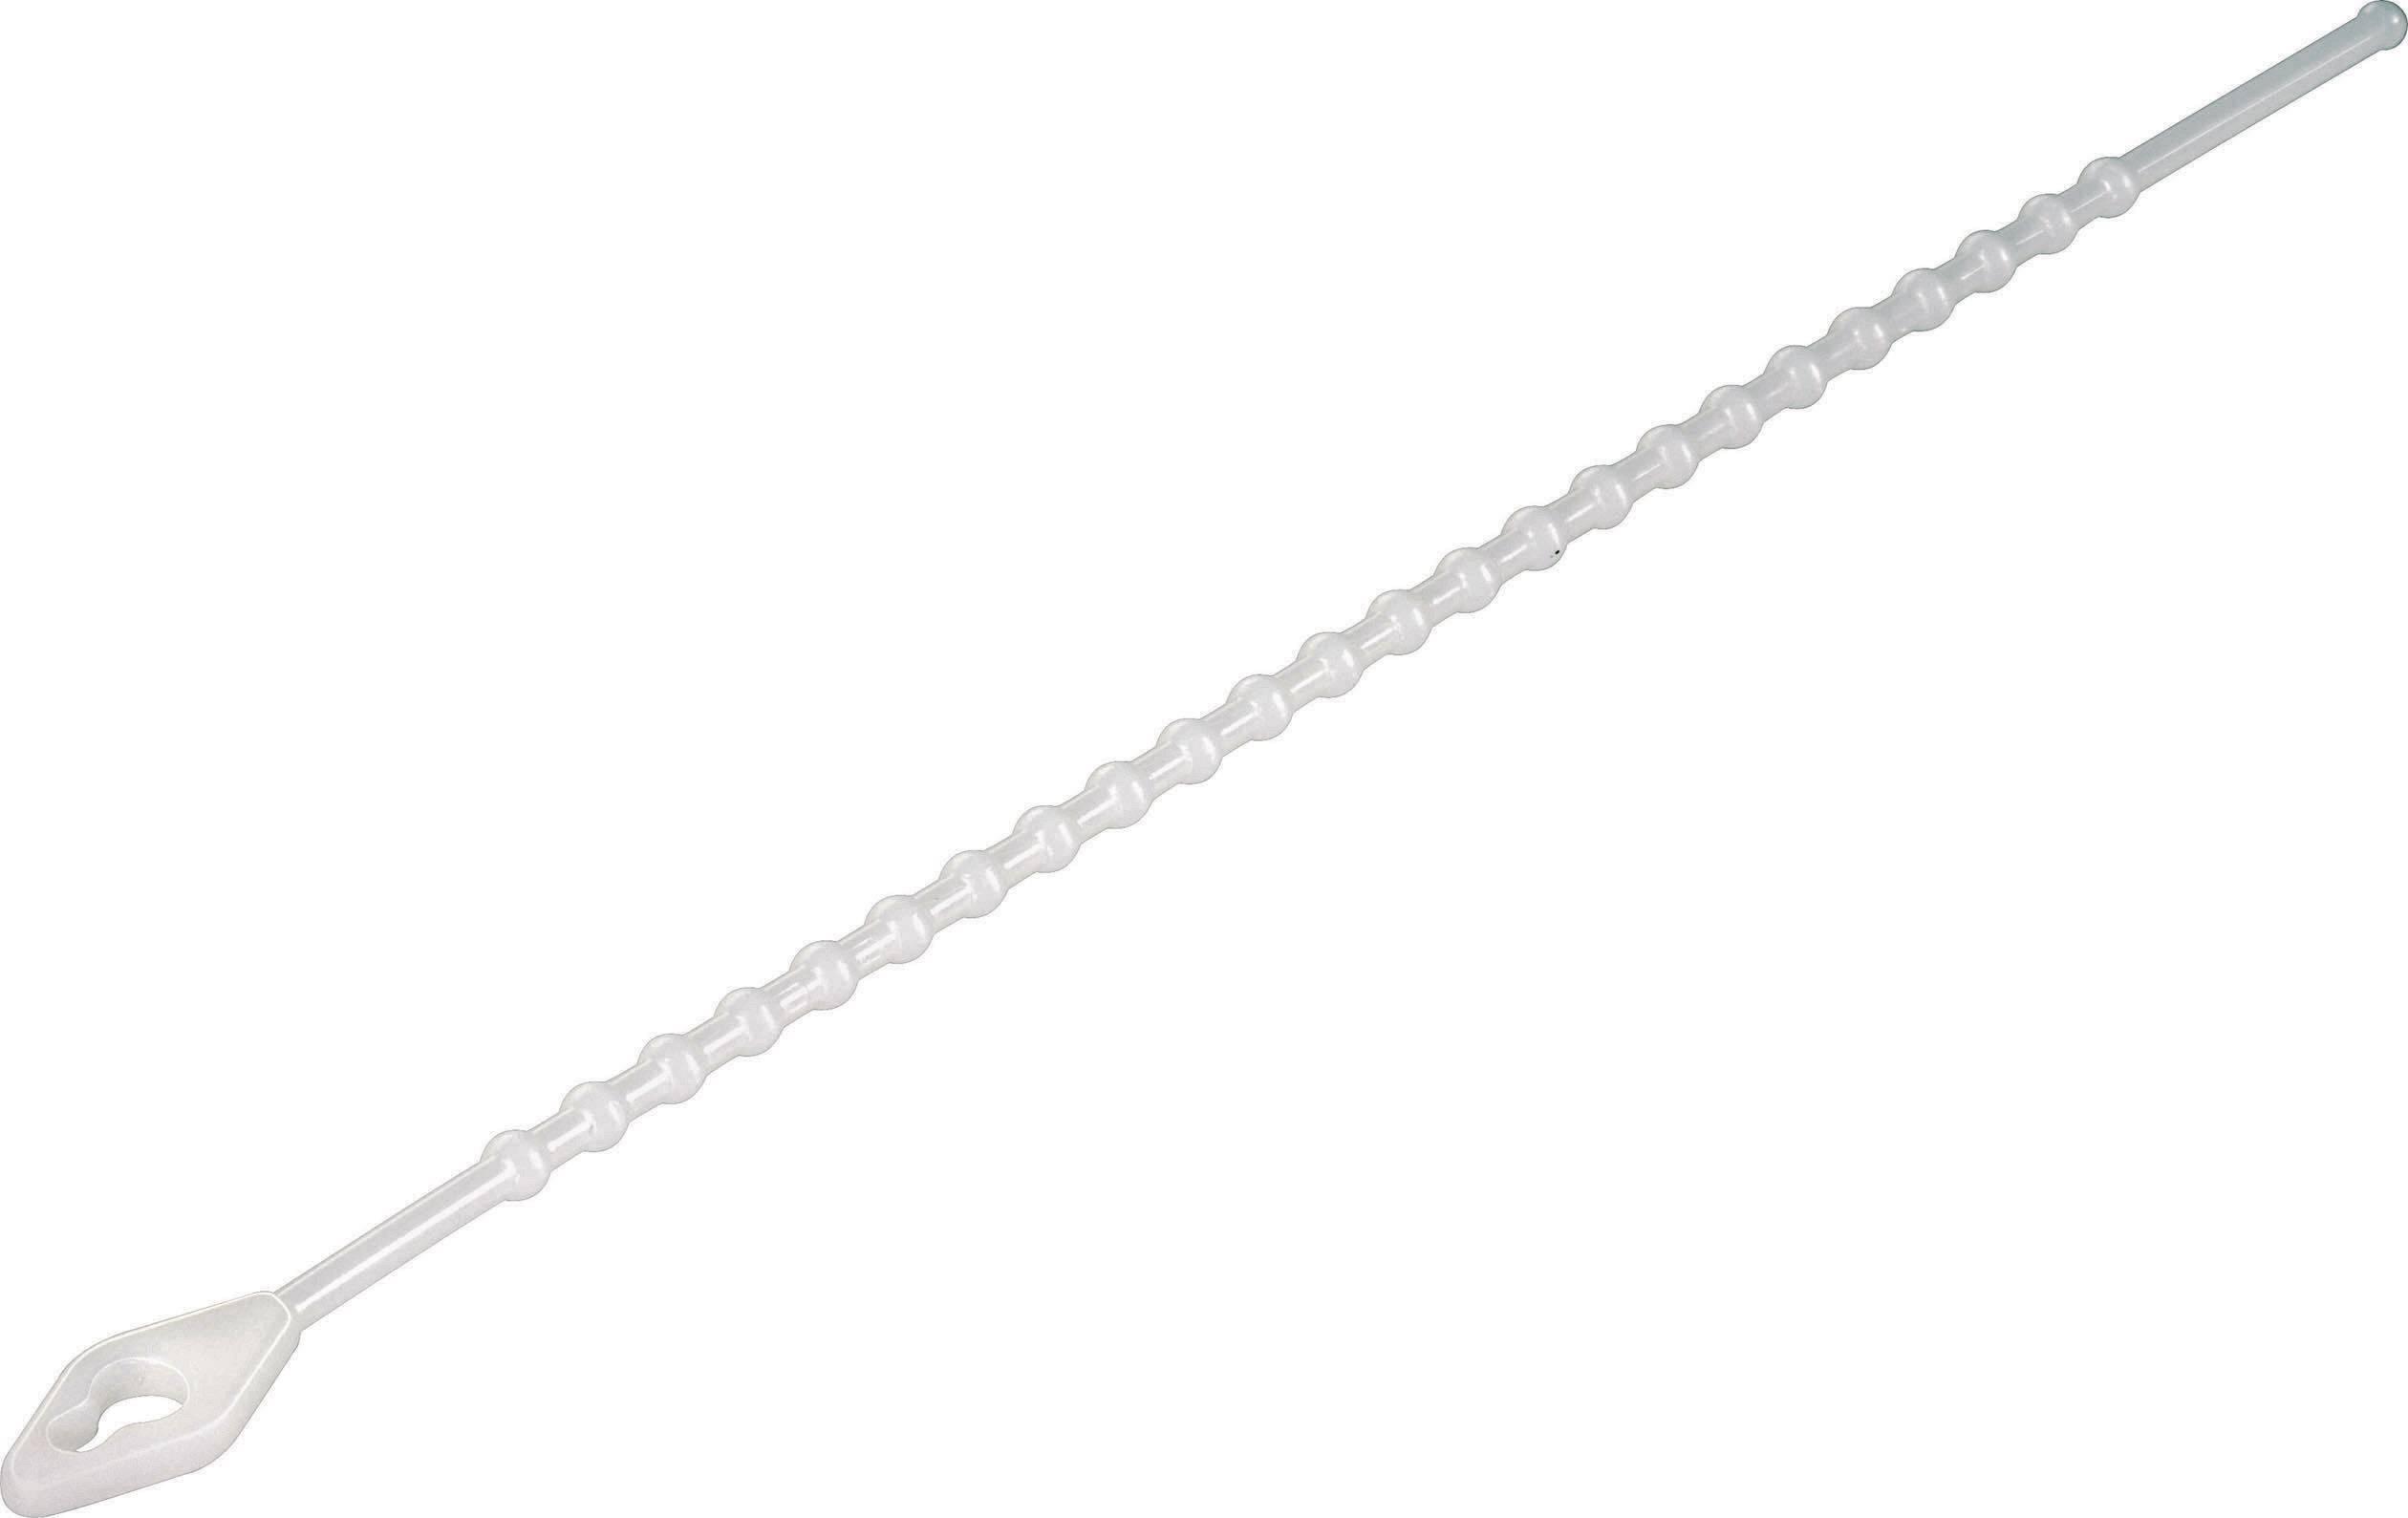 Perličkové stahovací pásky KSS TV230, 230x 3,8 mm, 100 ks, transparentní